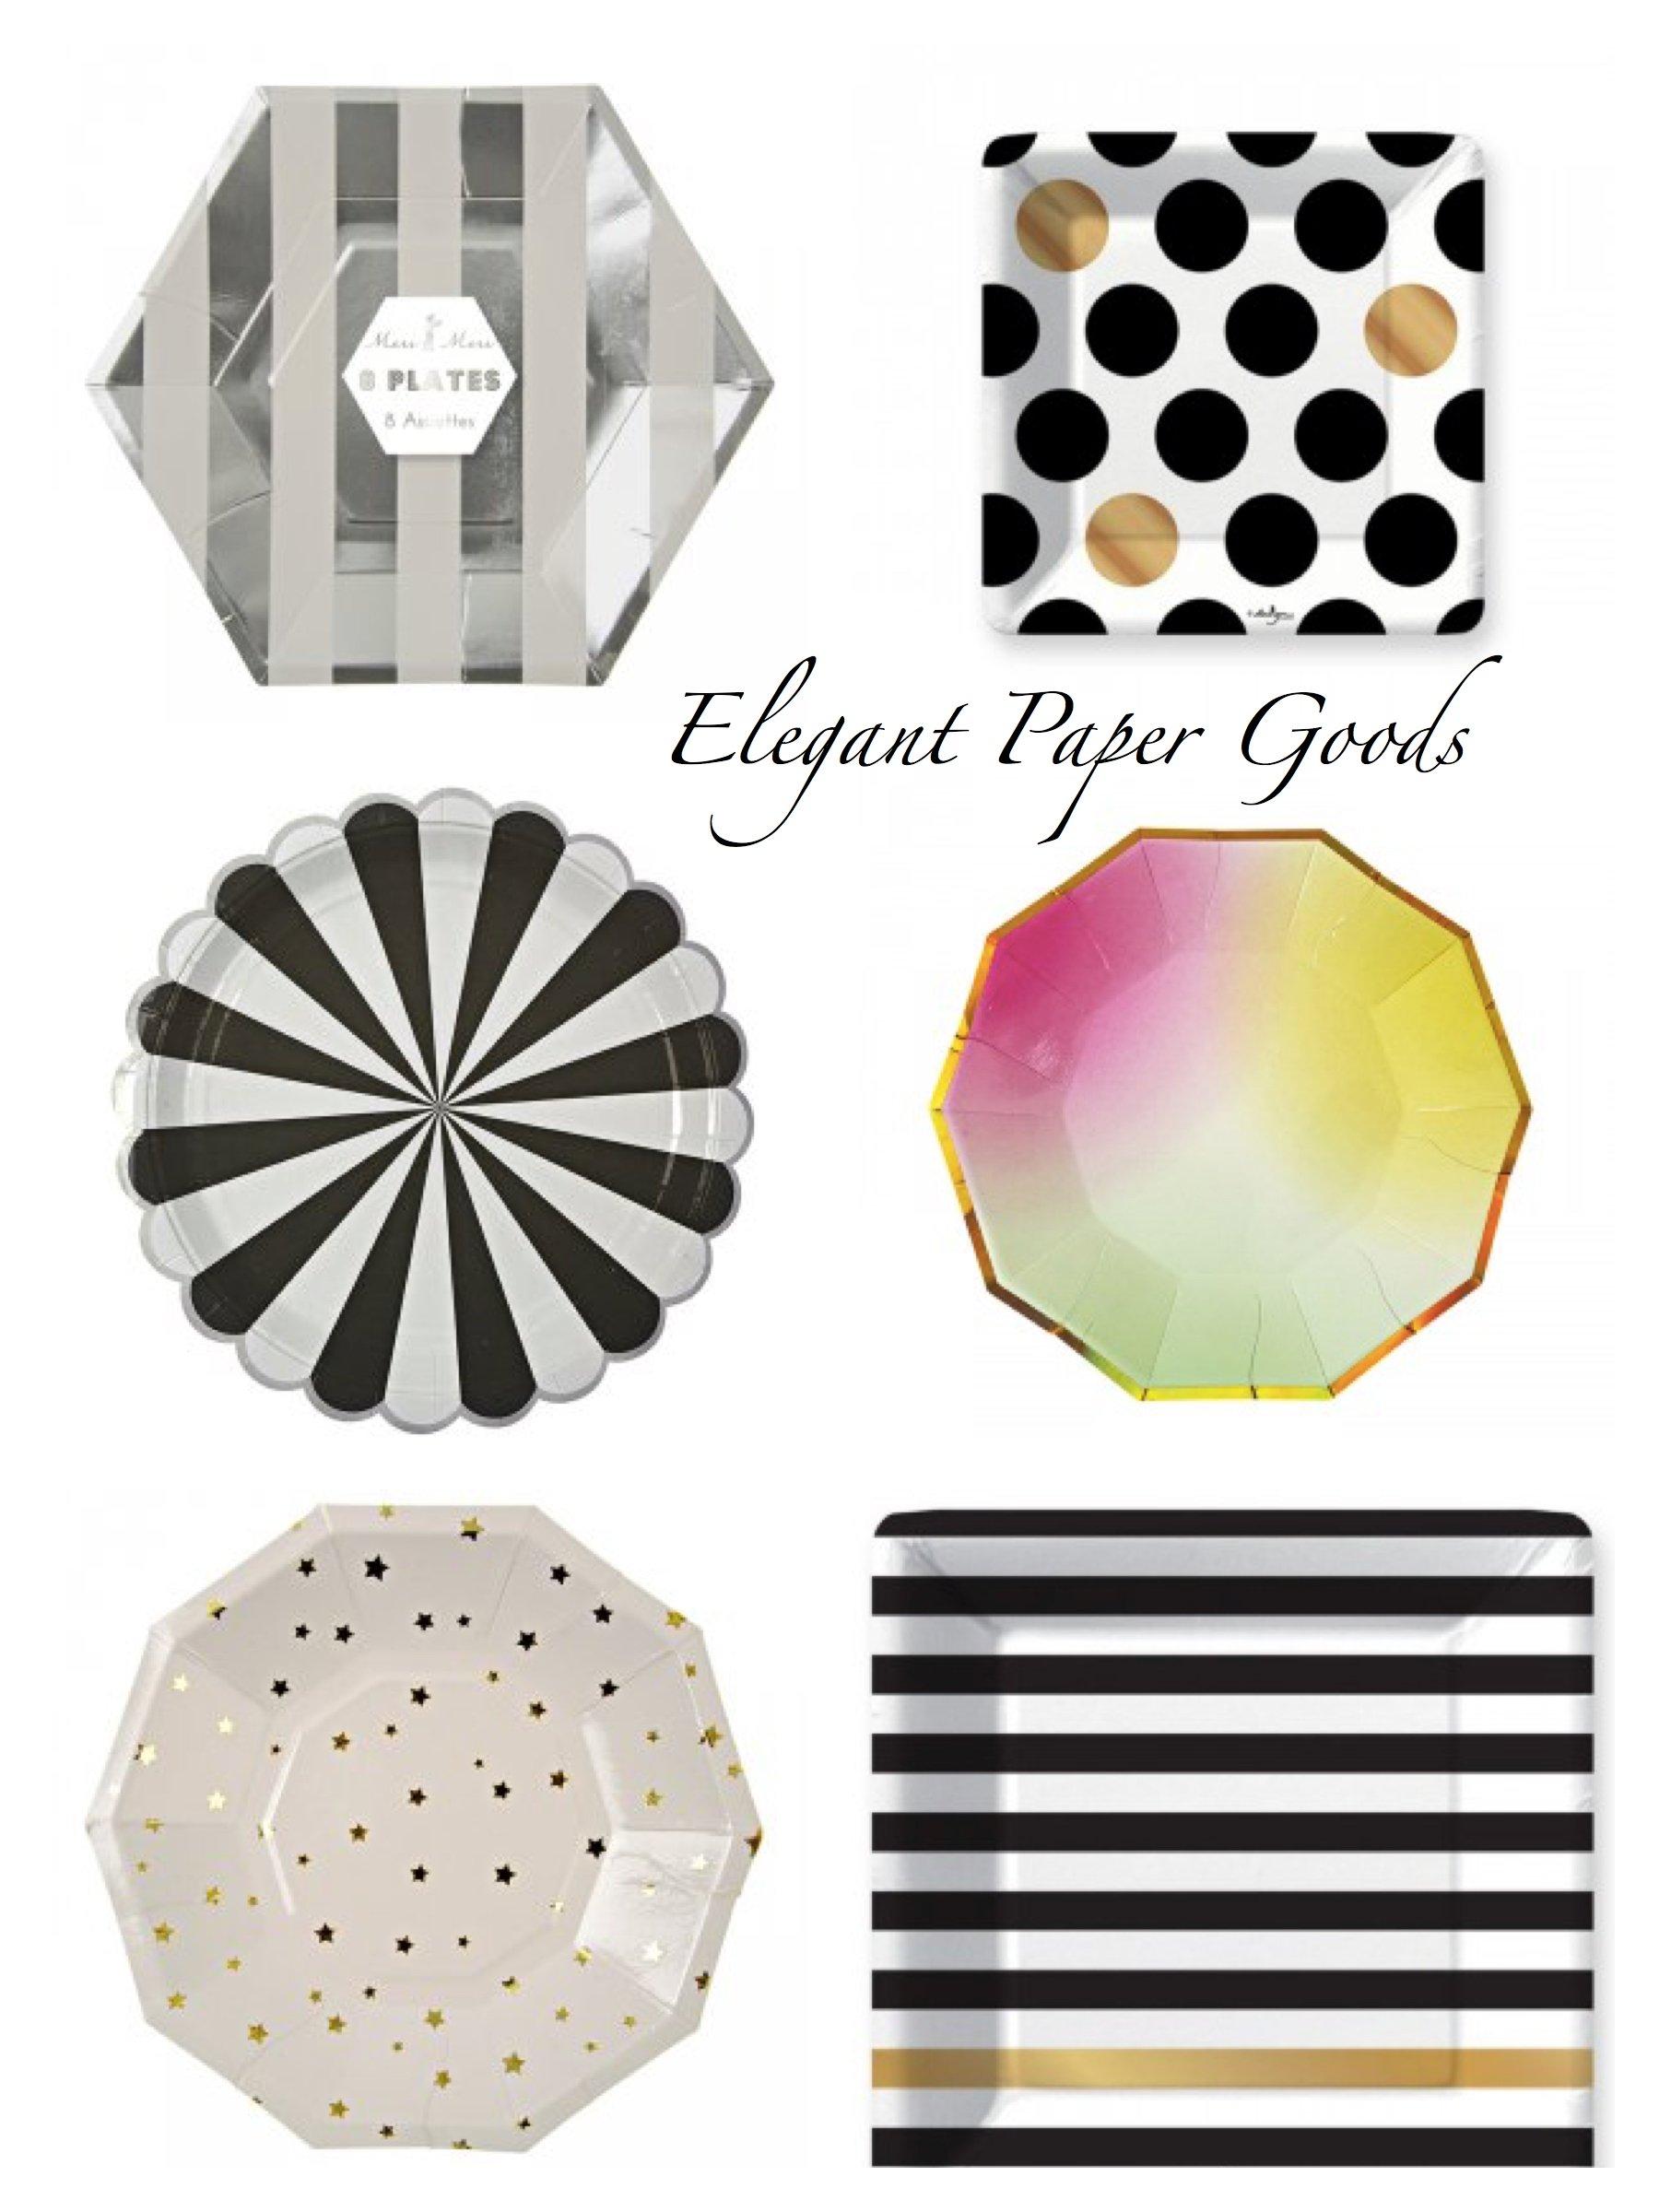 Elegant Paper Goods